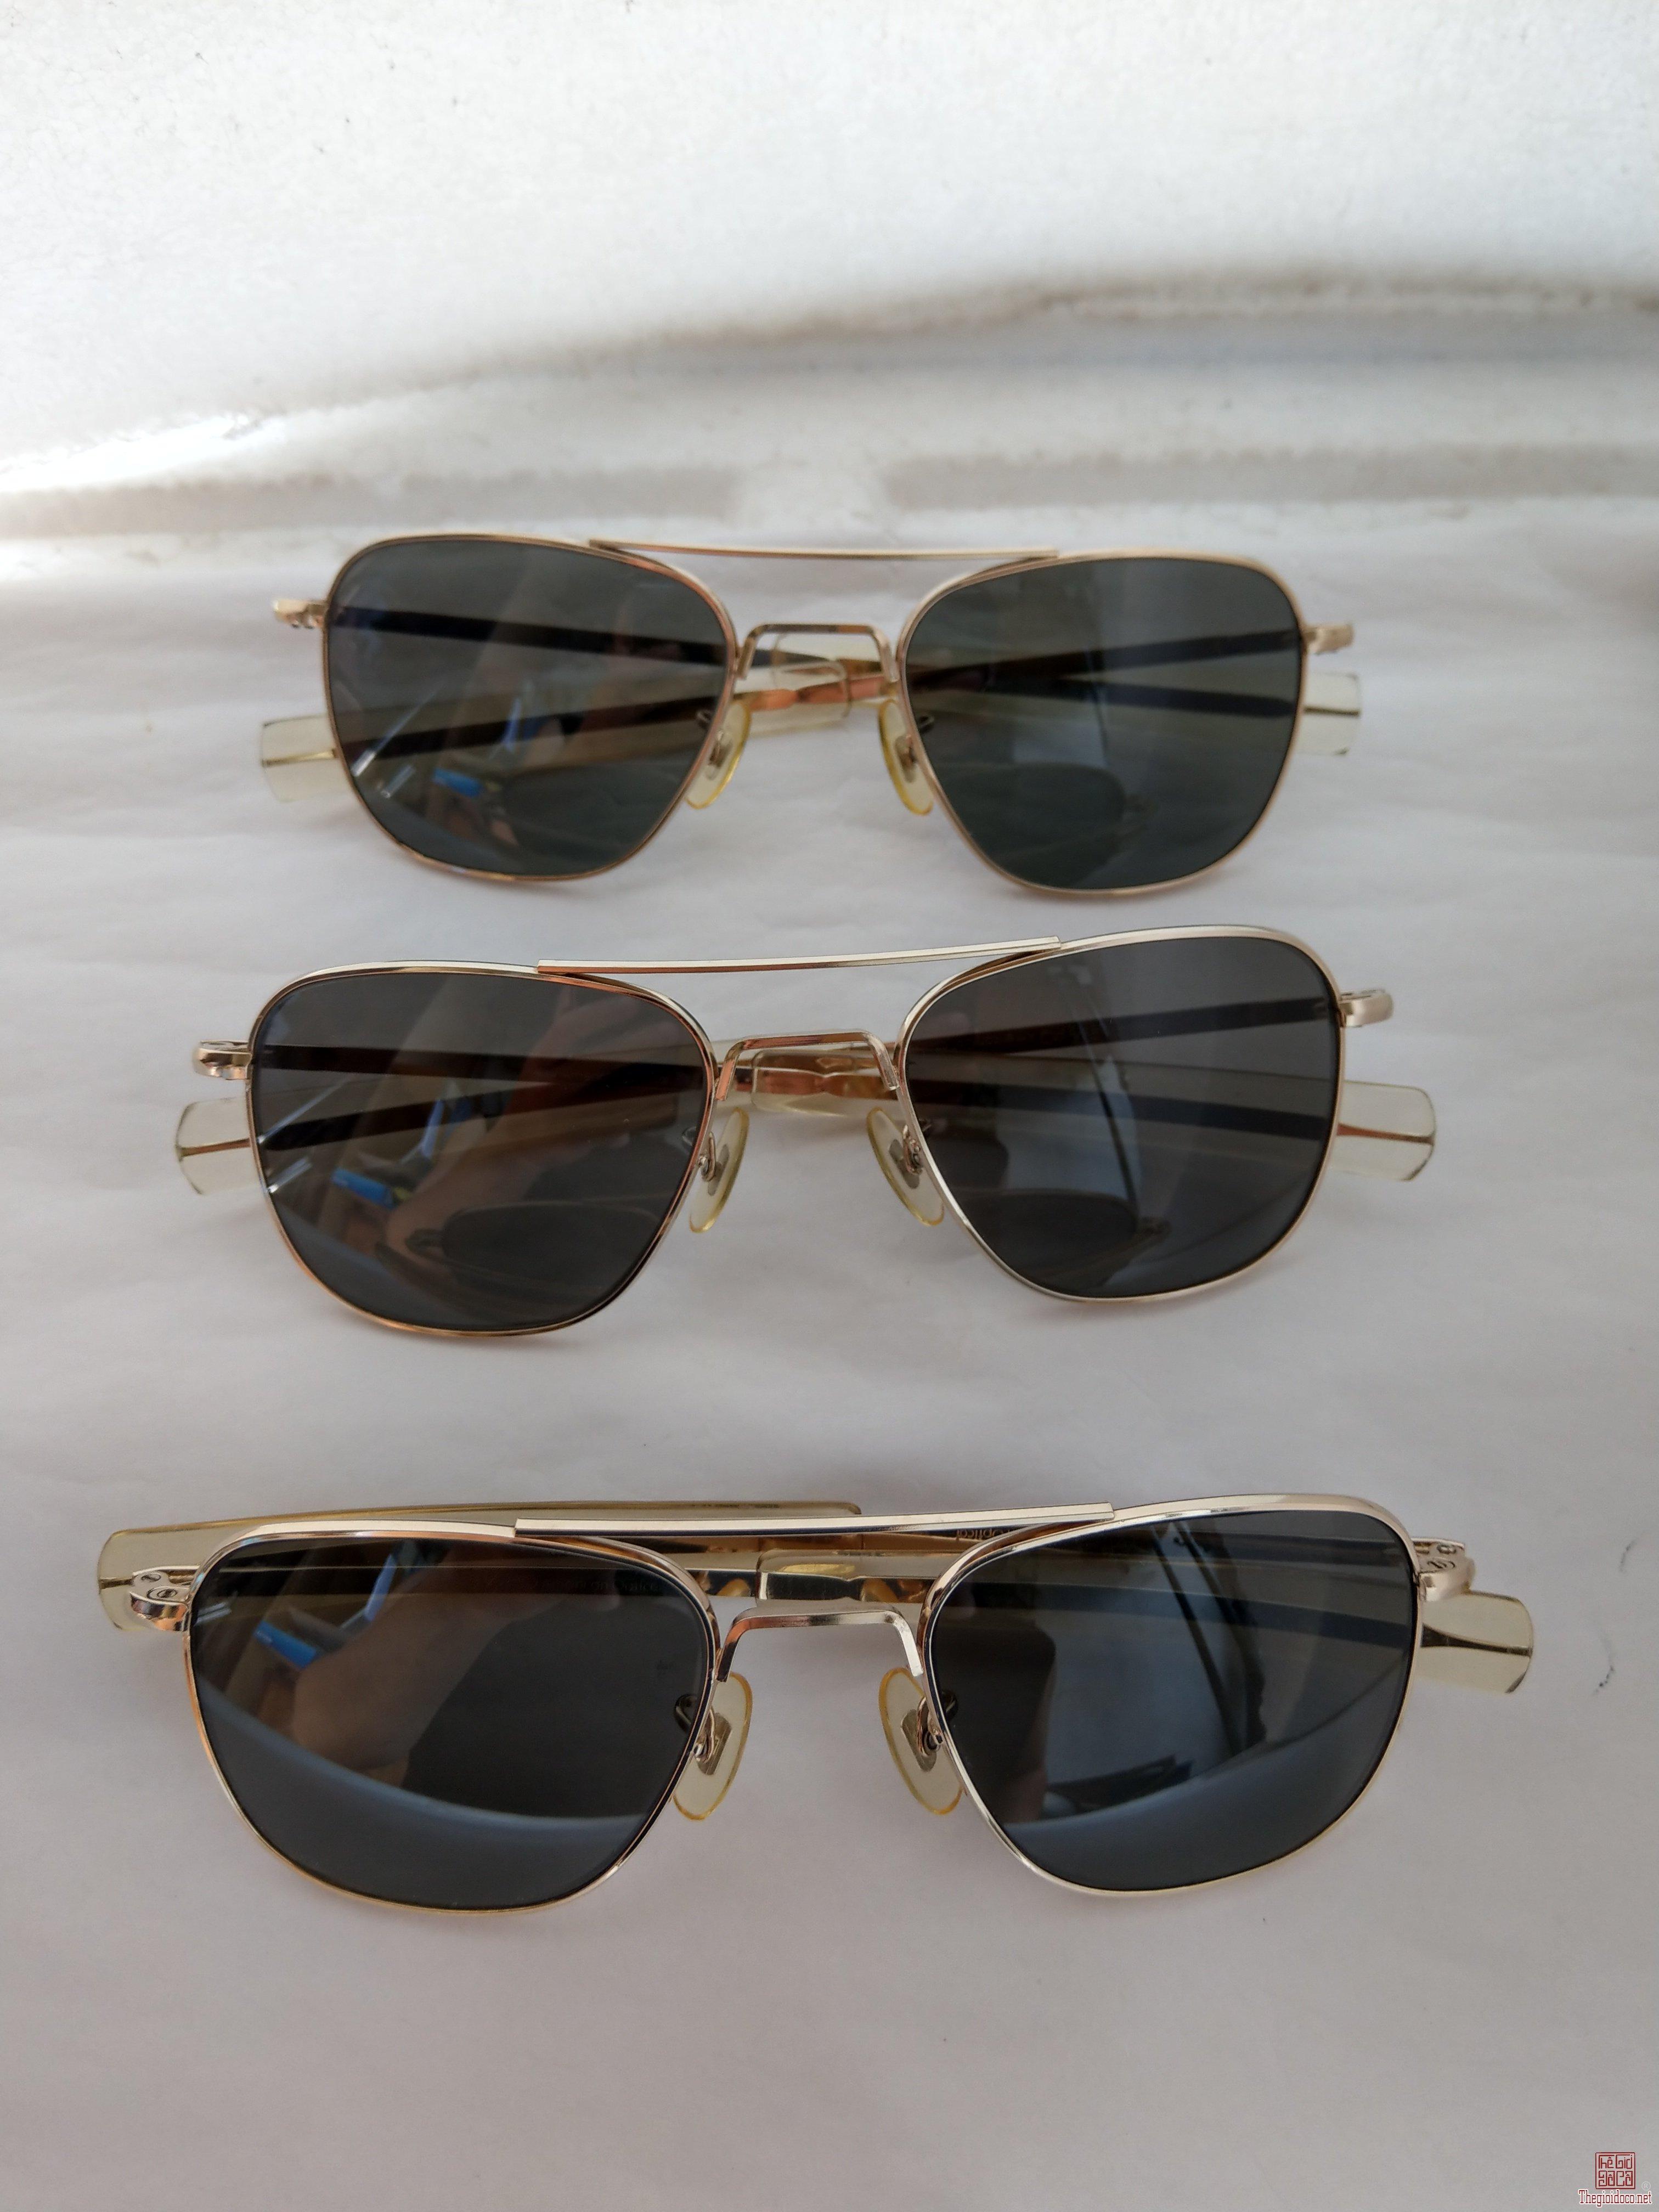 E mới về 3 cái kính cơn mạ vàng sx thập niên 1970